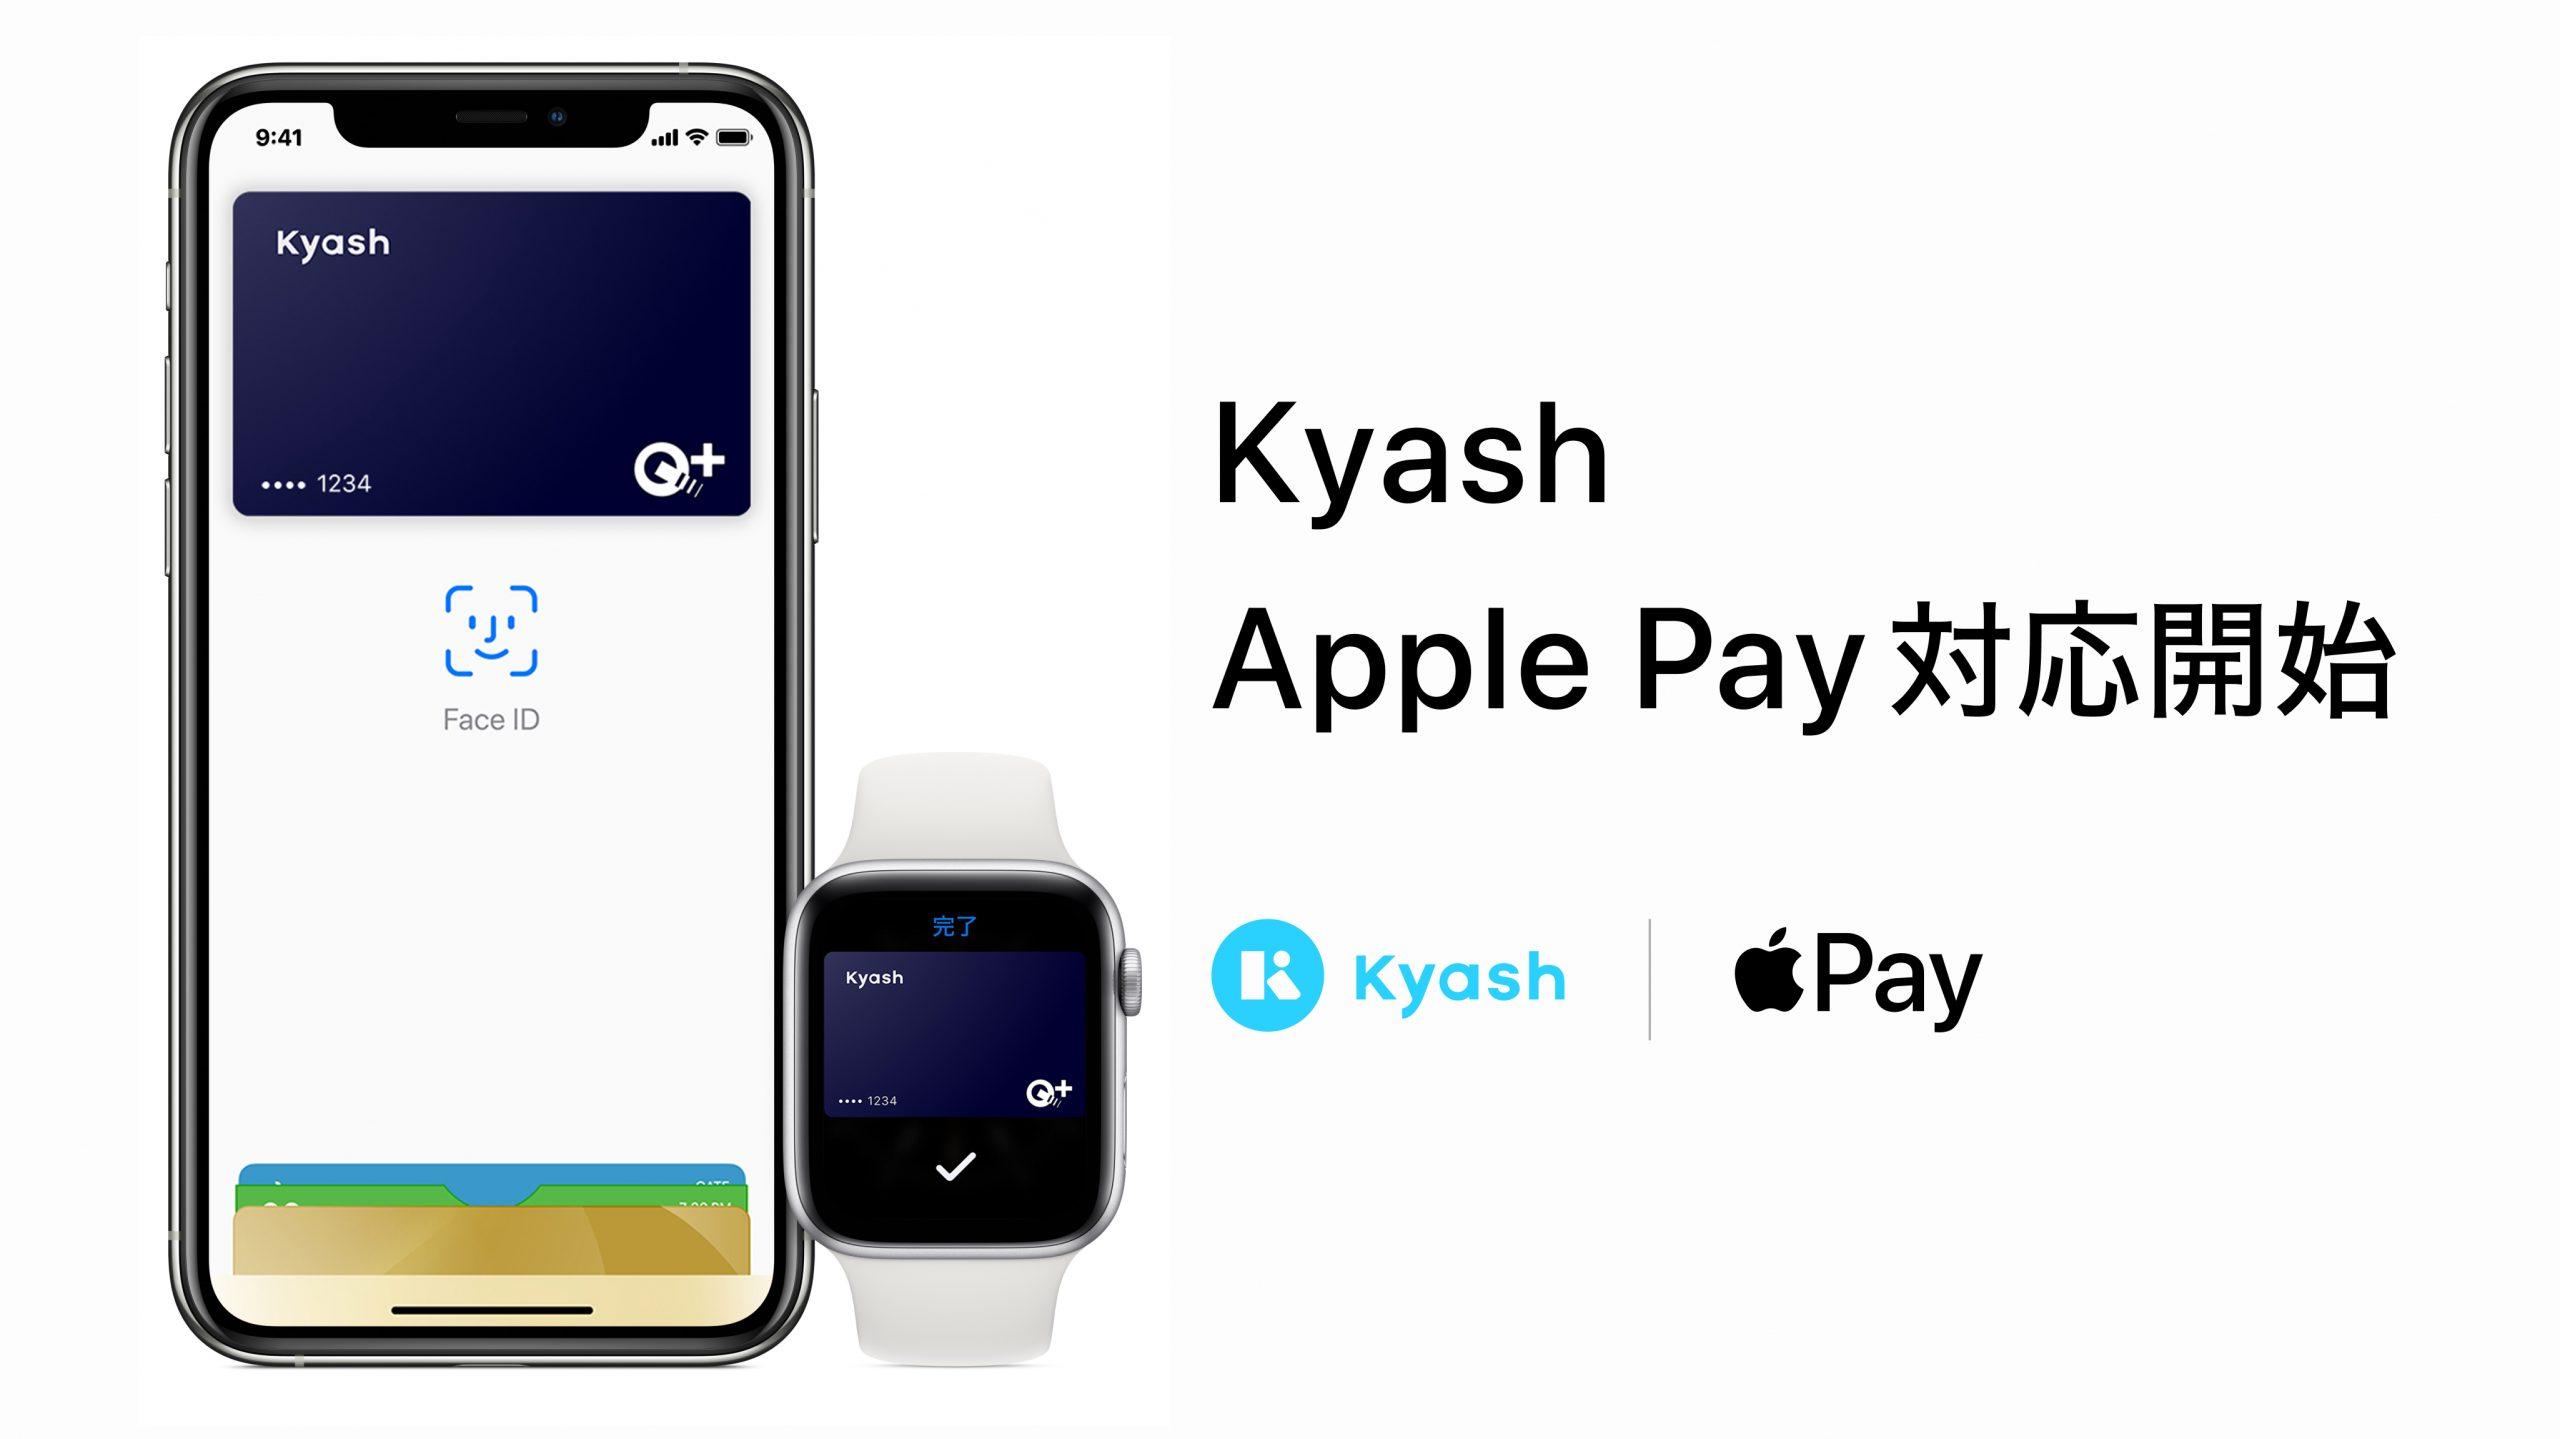 Kyash ApplePay